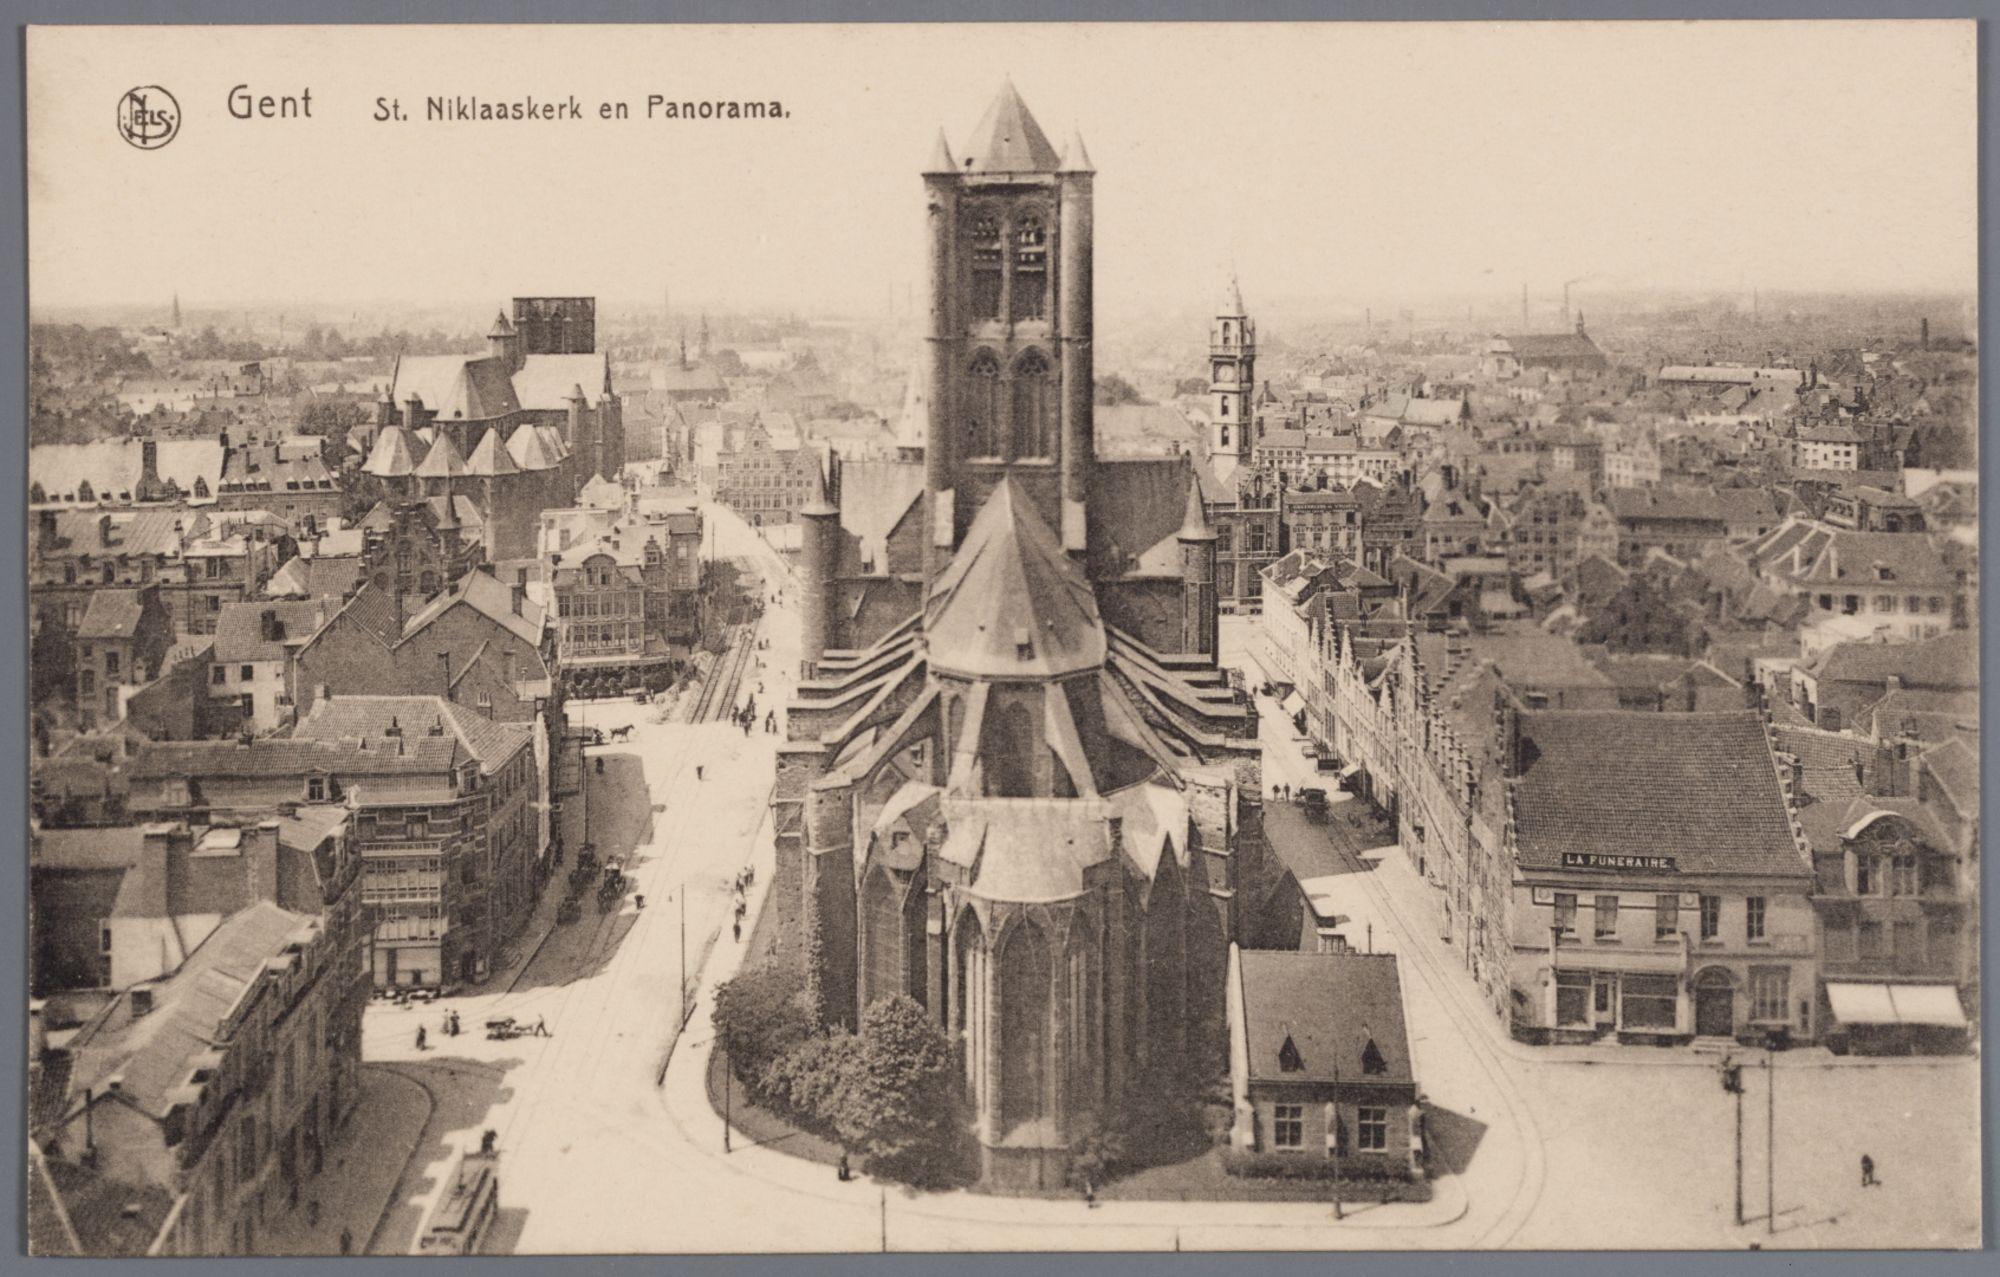 Gent: panorama met Sint-Niklaaskerk